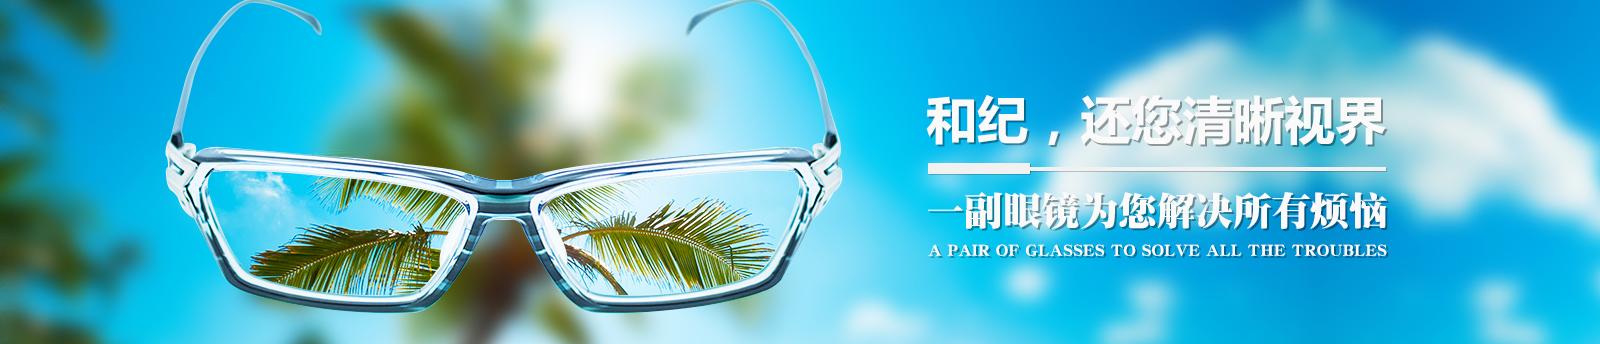 上海和纪眼镜有限公司